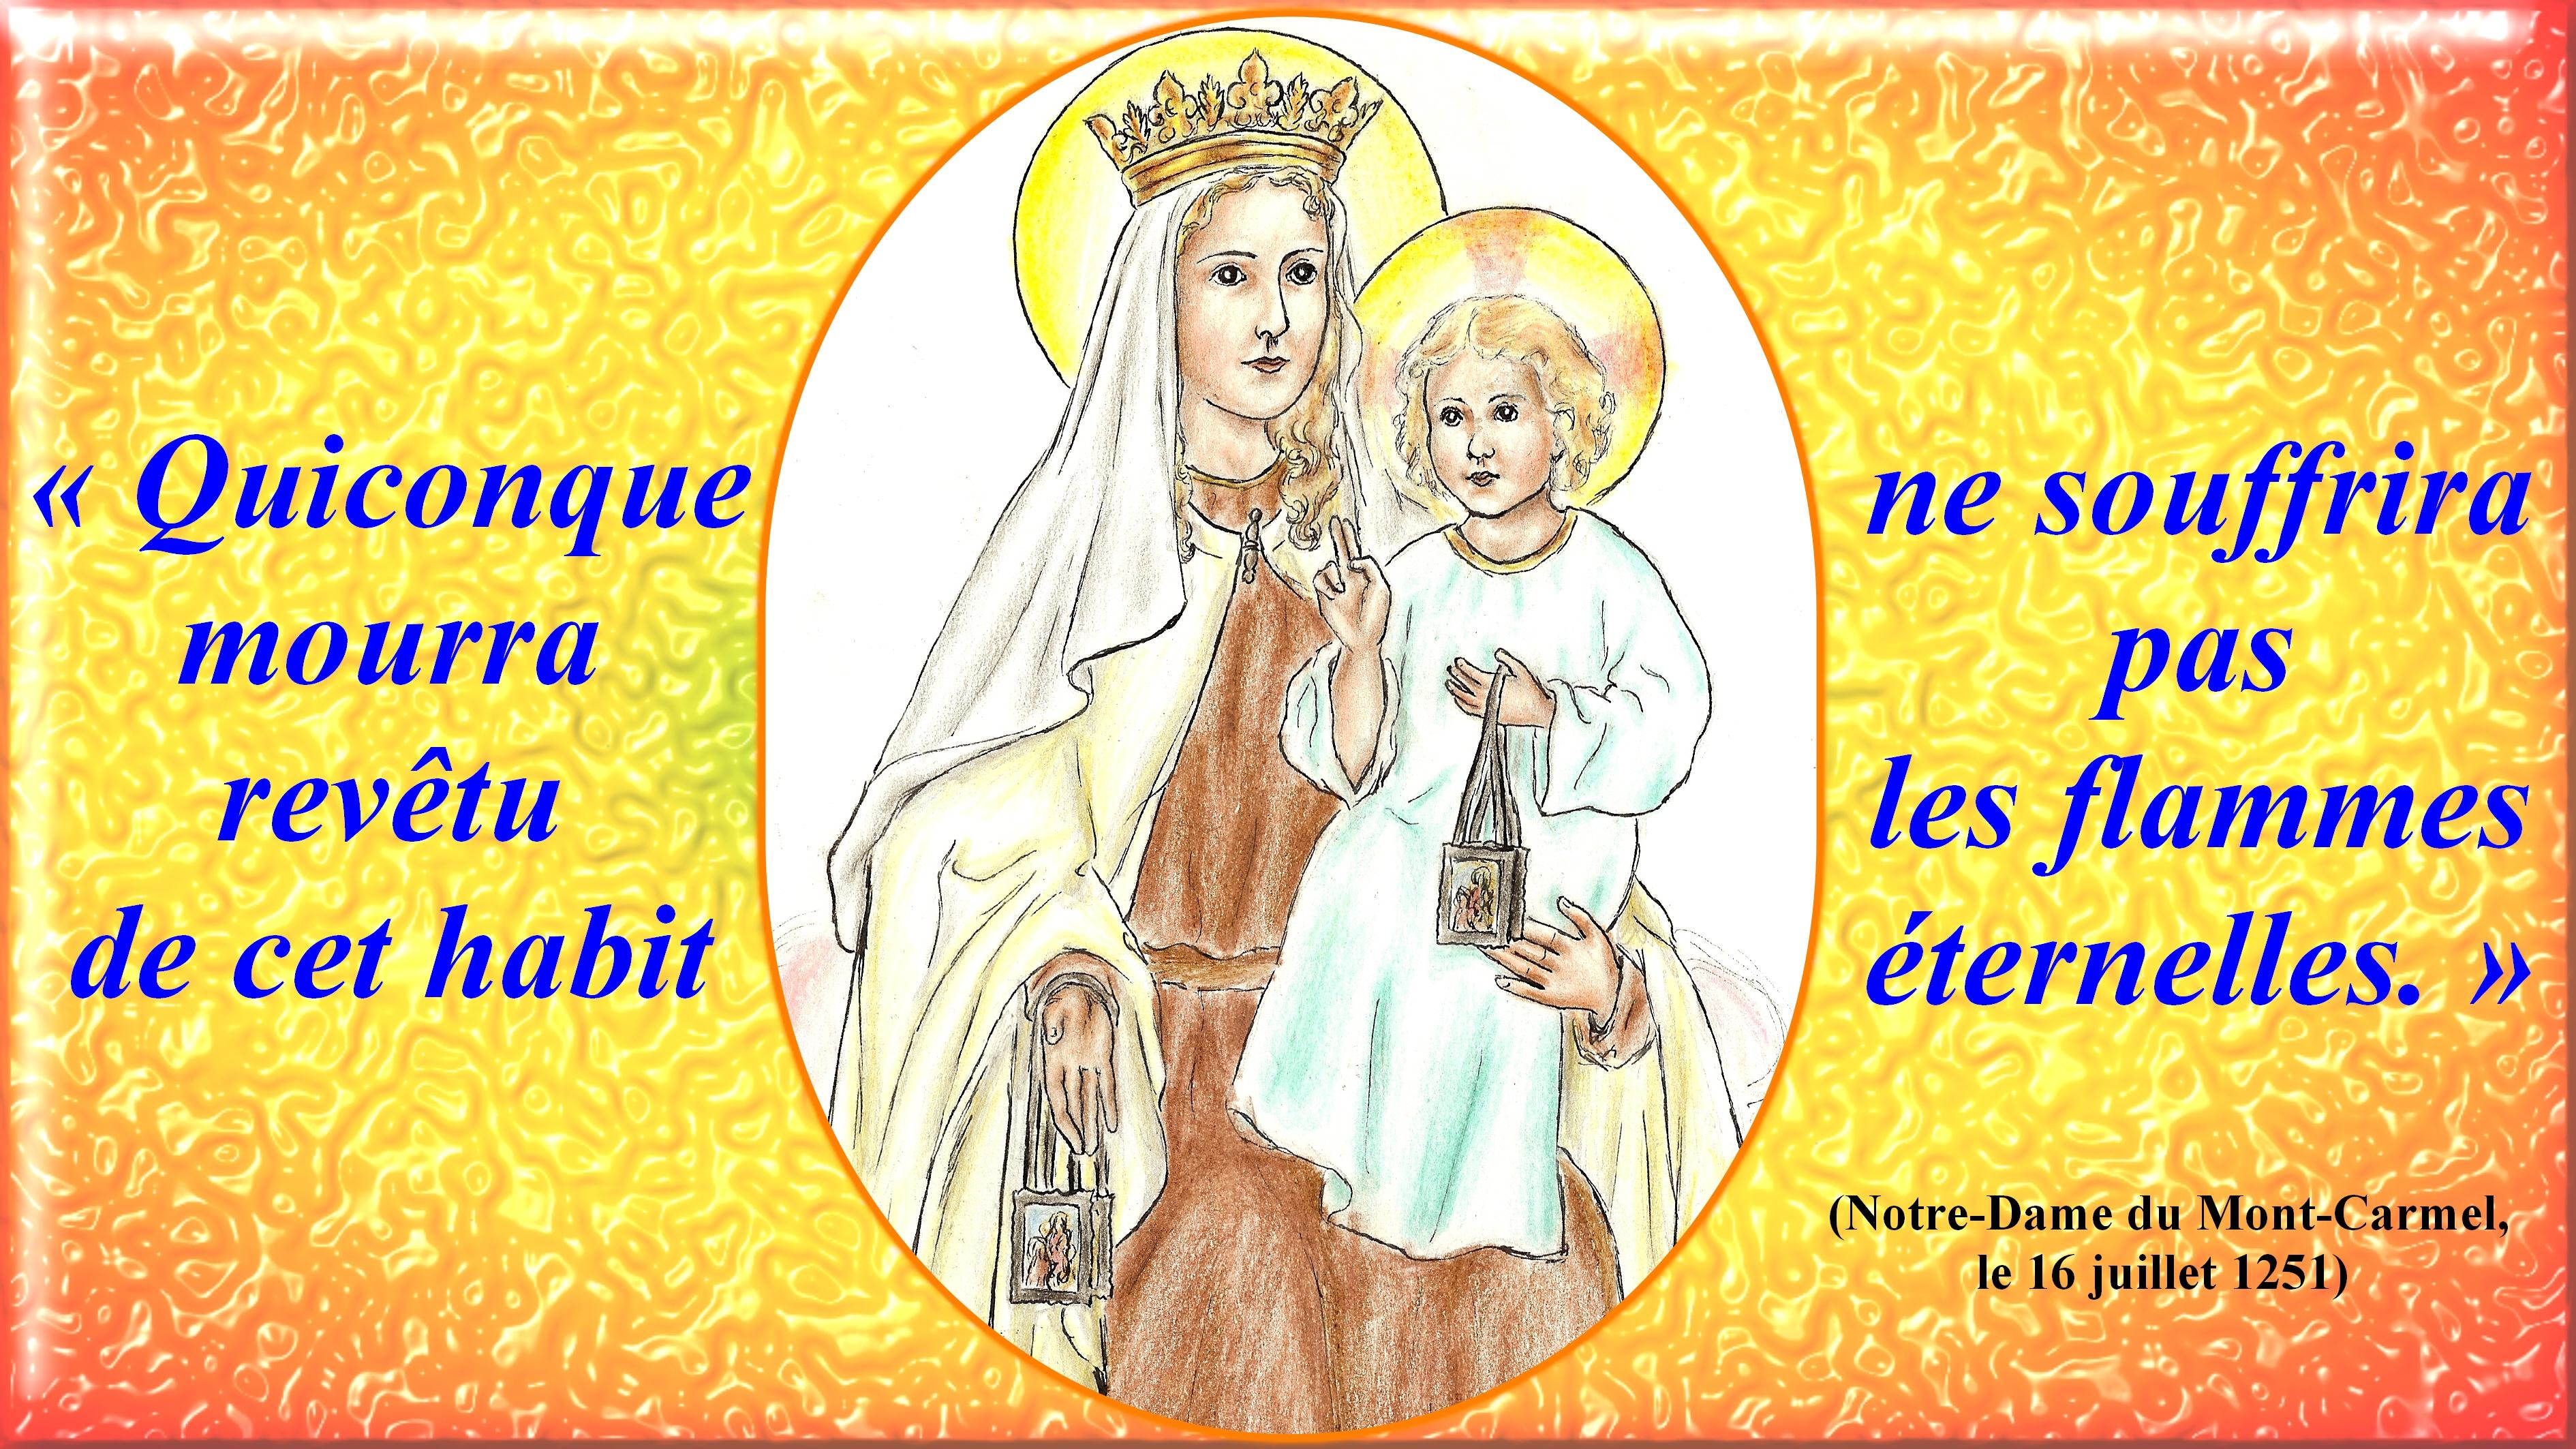 CALENDRIER CATHOLIQUE 2020 (Cantiques, Prières & Images) - Page 20 Notre-dame-du-mont-carmel-557d4b2